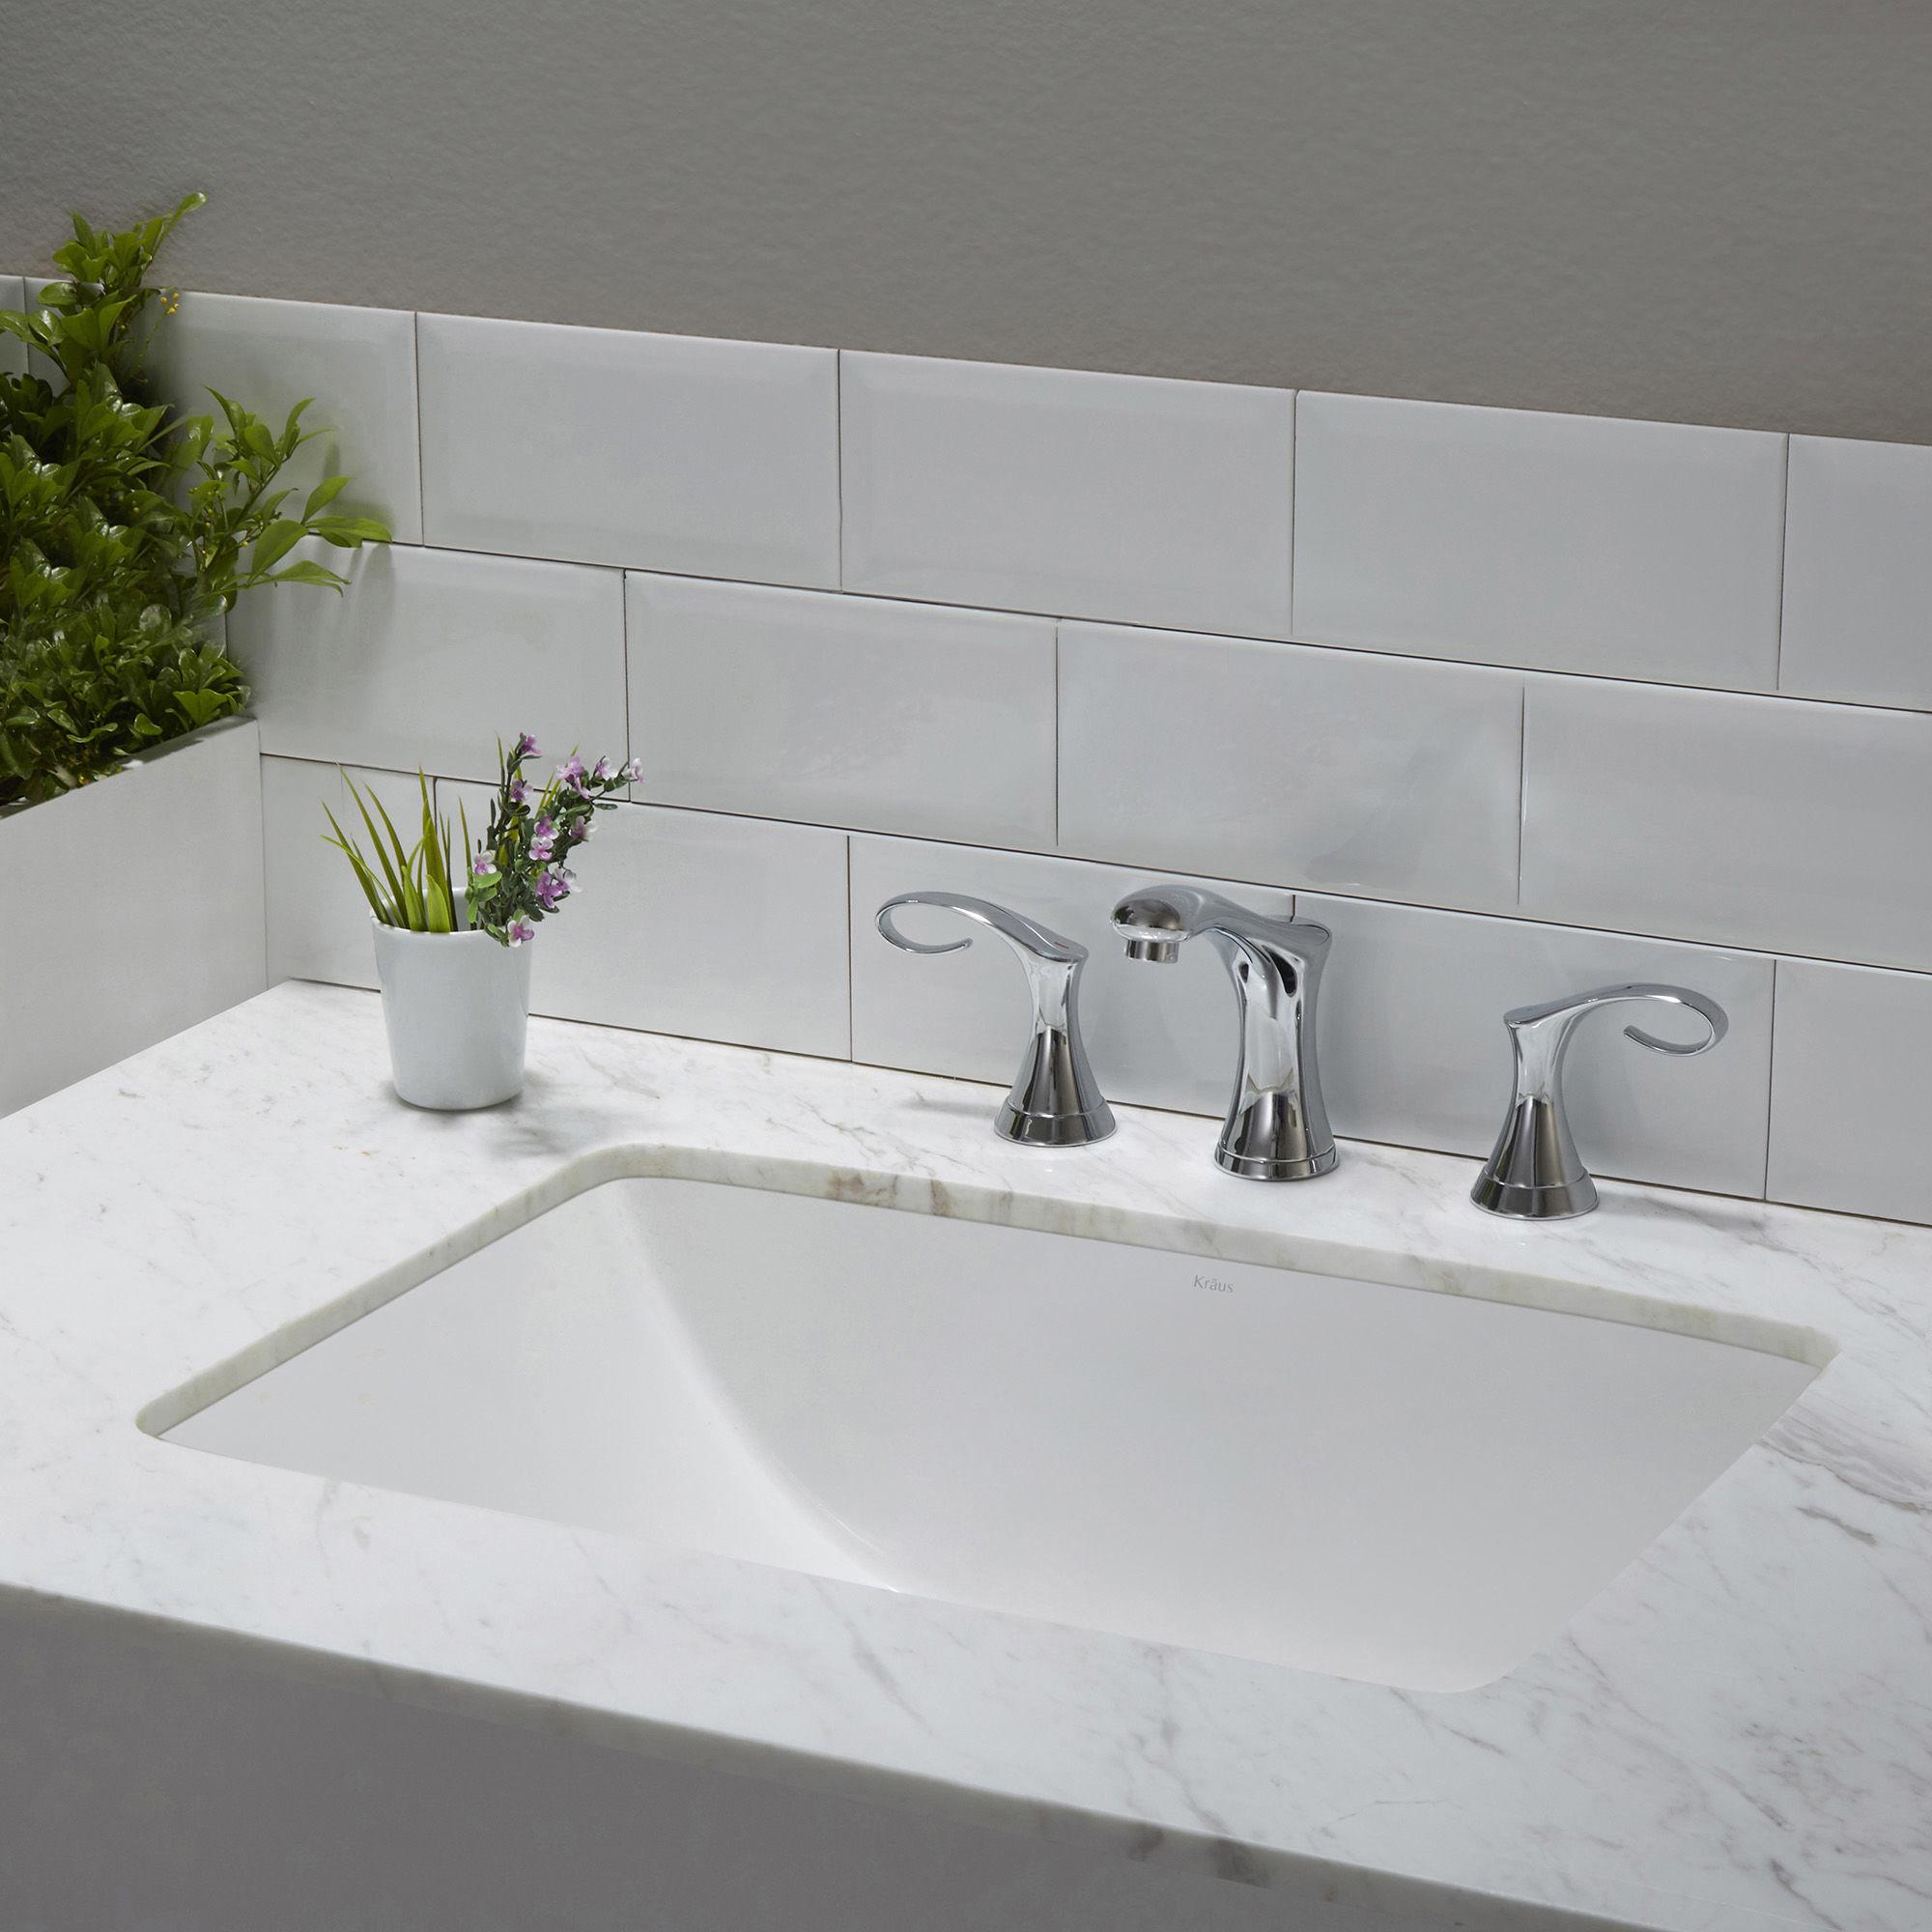 KRAUS White Ceramic Round Bathroom Sink